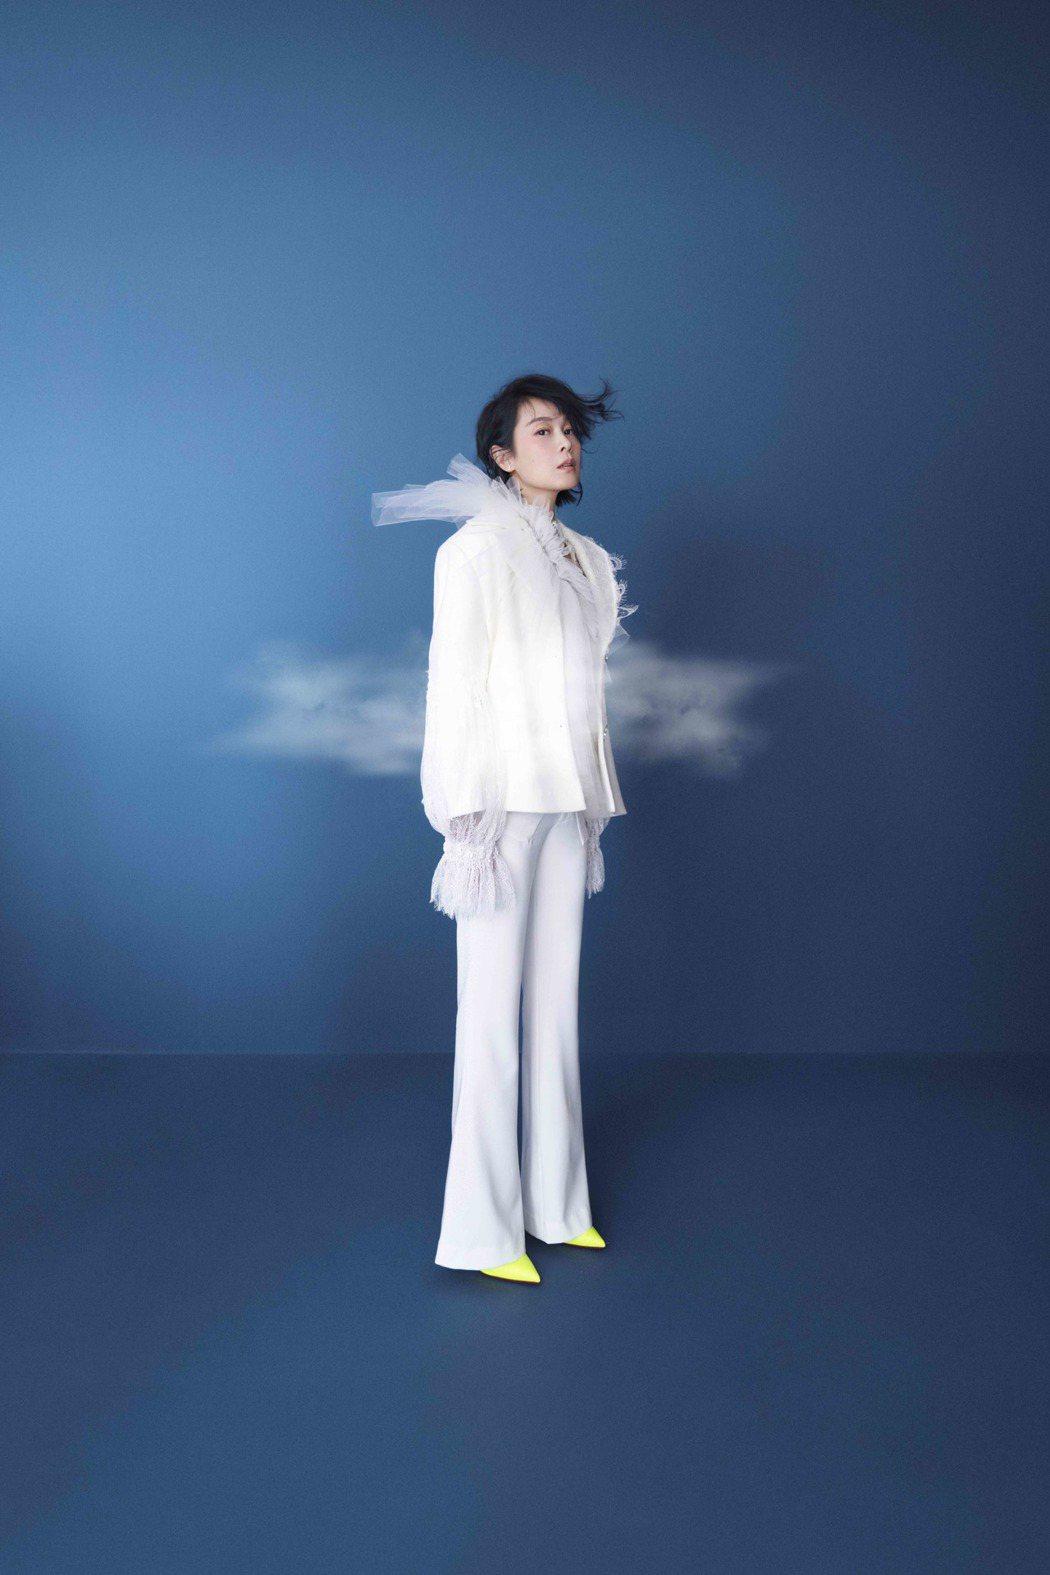 劉若英隔空獻聲「我要你好好的」幫樂迷加油打氣。圖/相信提供